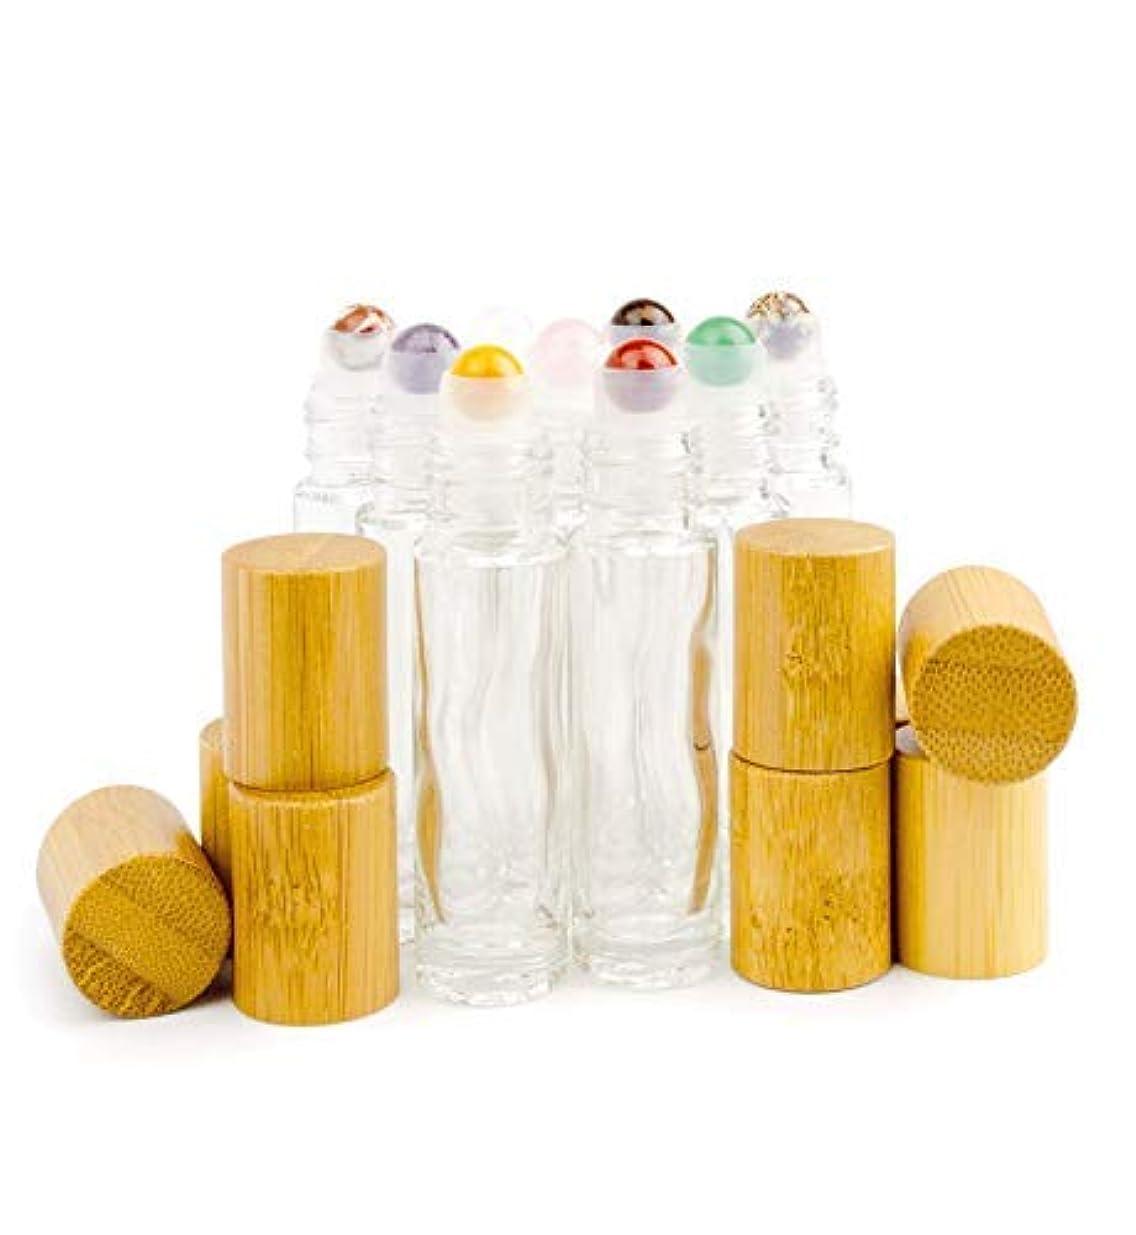 砂漠夕方補助Grand Parfums 9 Gemstone Crystal Roller Tops in 10ml Clear Glass Bottles, with Natural Bamboo Caps for Essential...